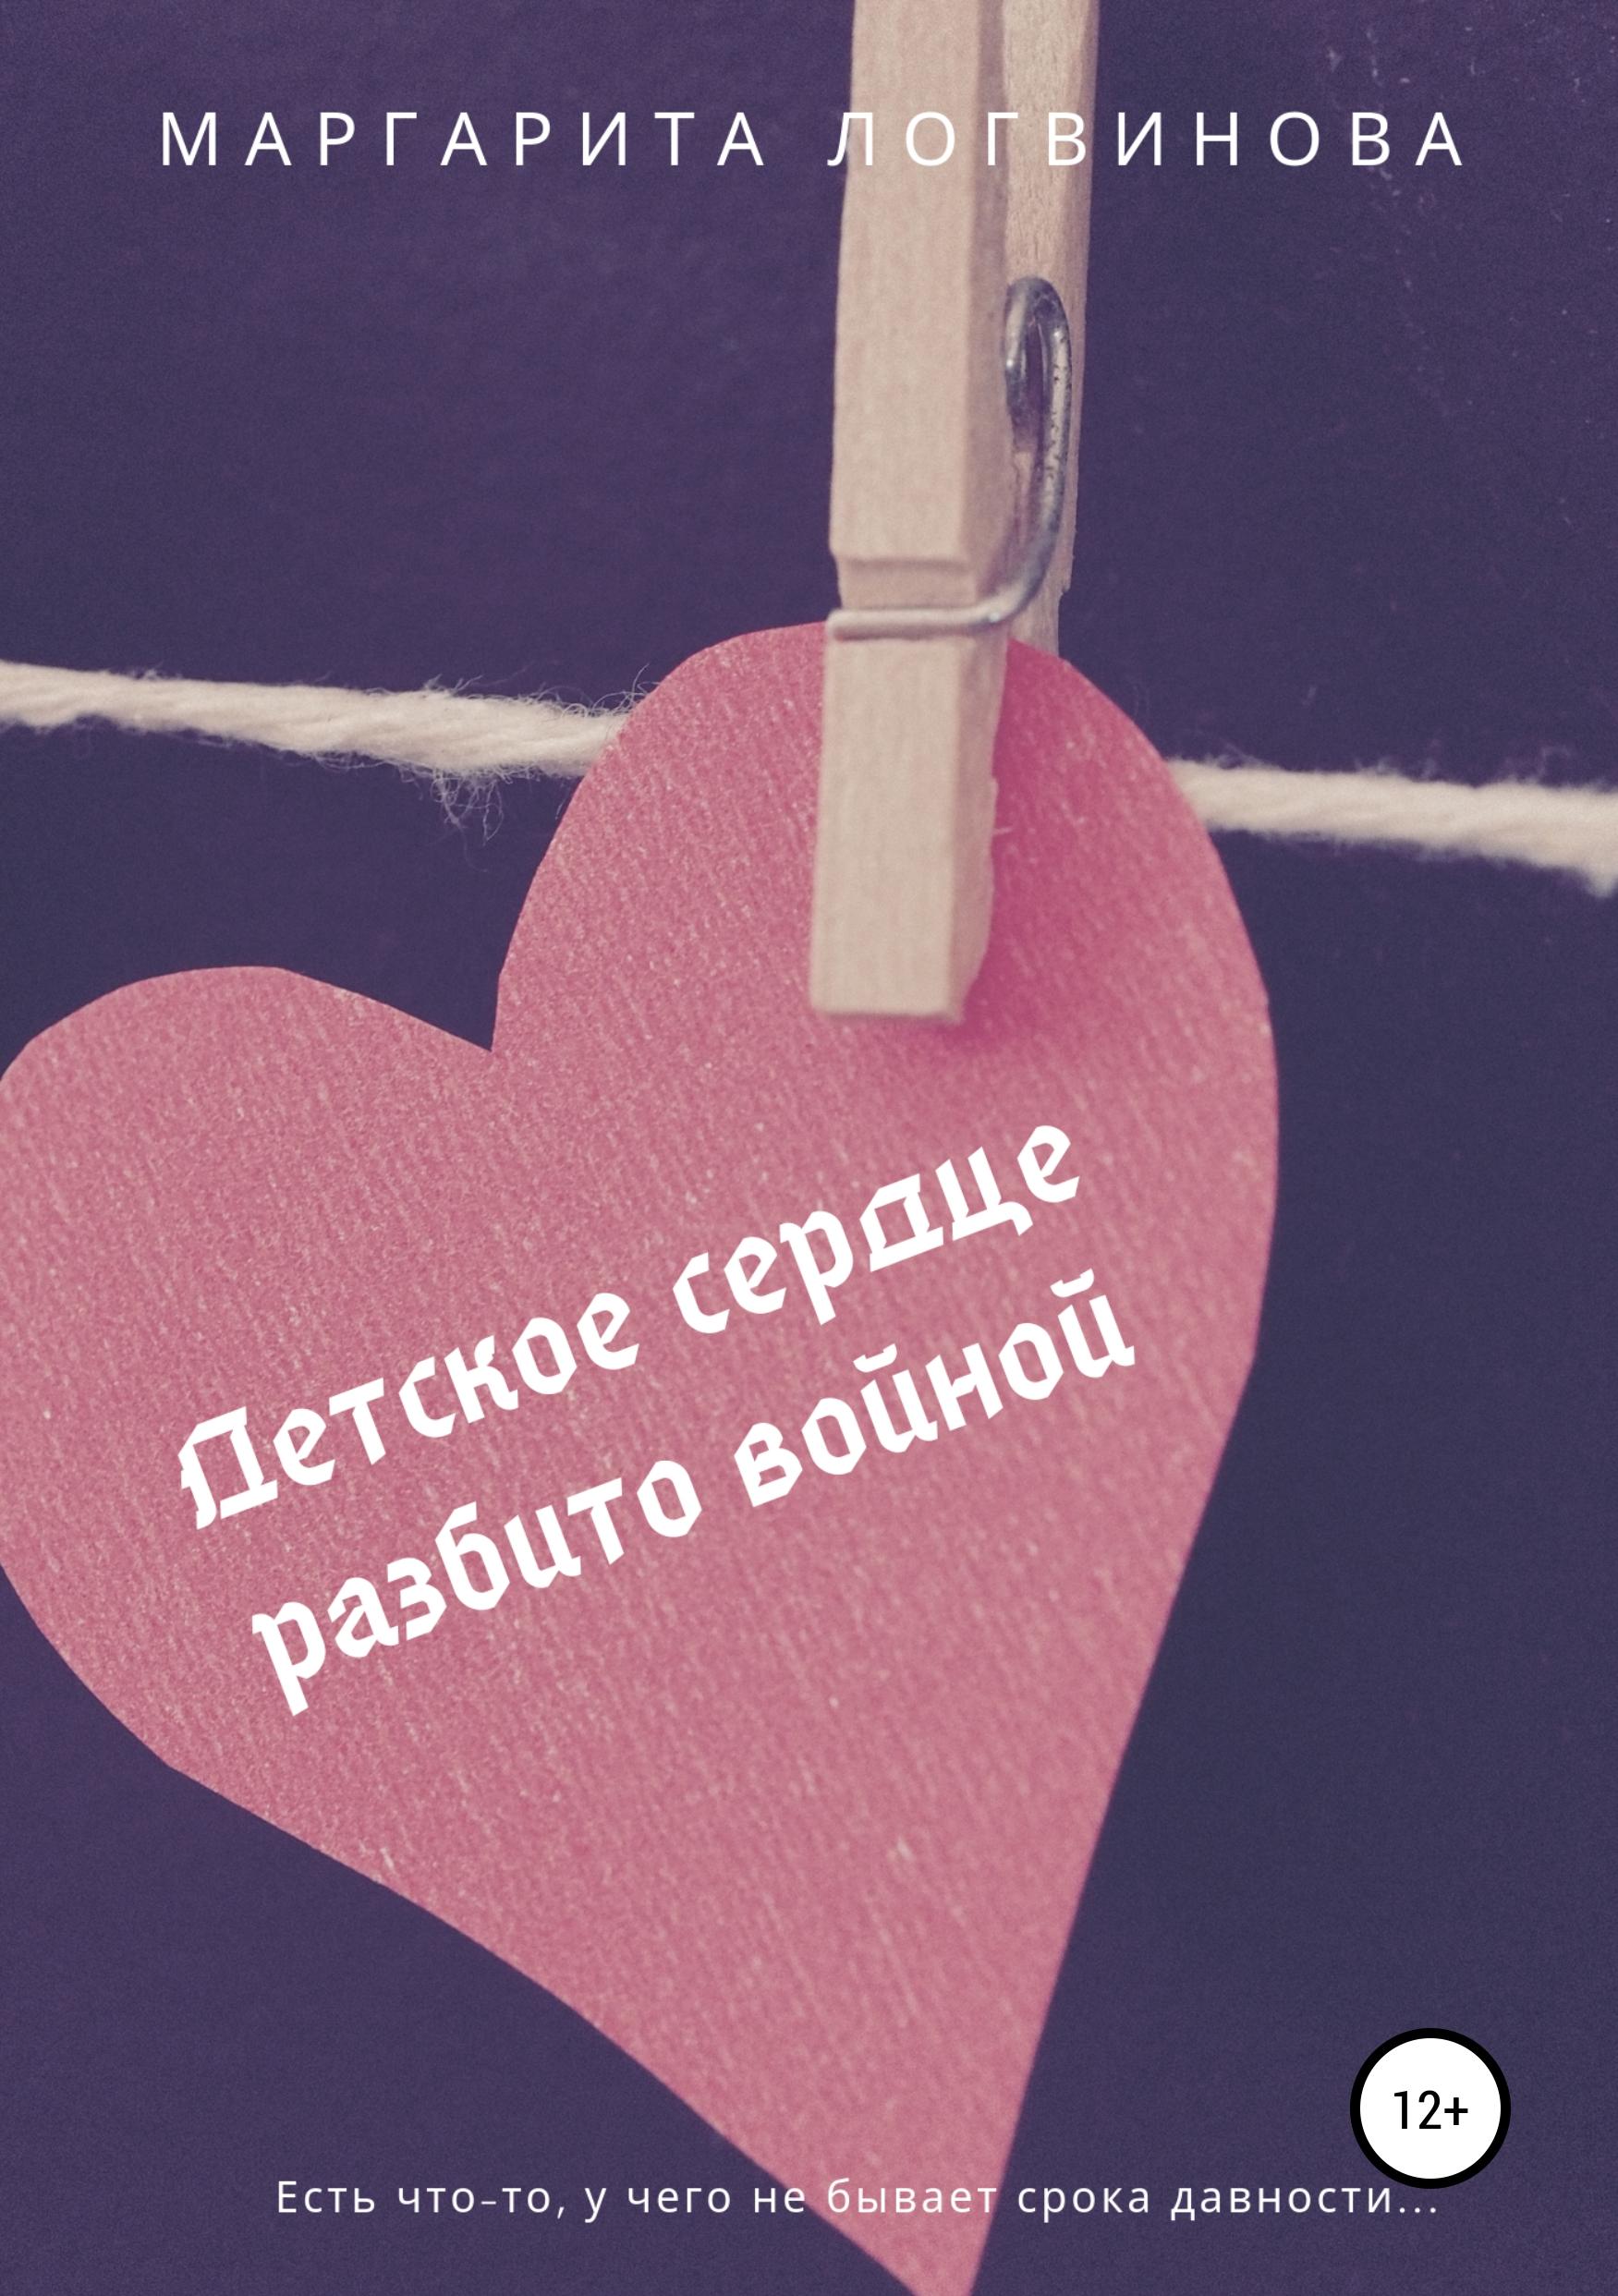 Маргарита Логвинова Детское сердце разбито войной маргарита логвинова детское сердце разбито войной